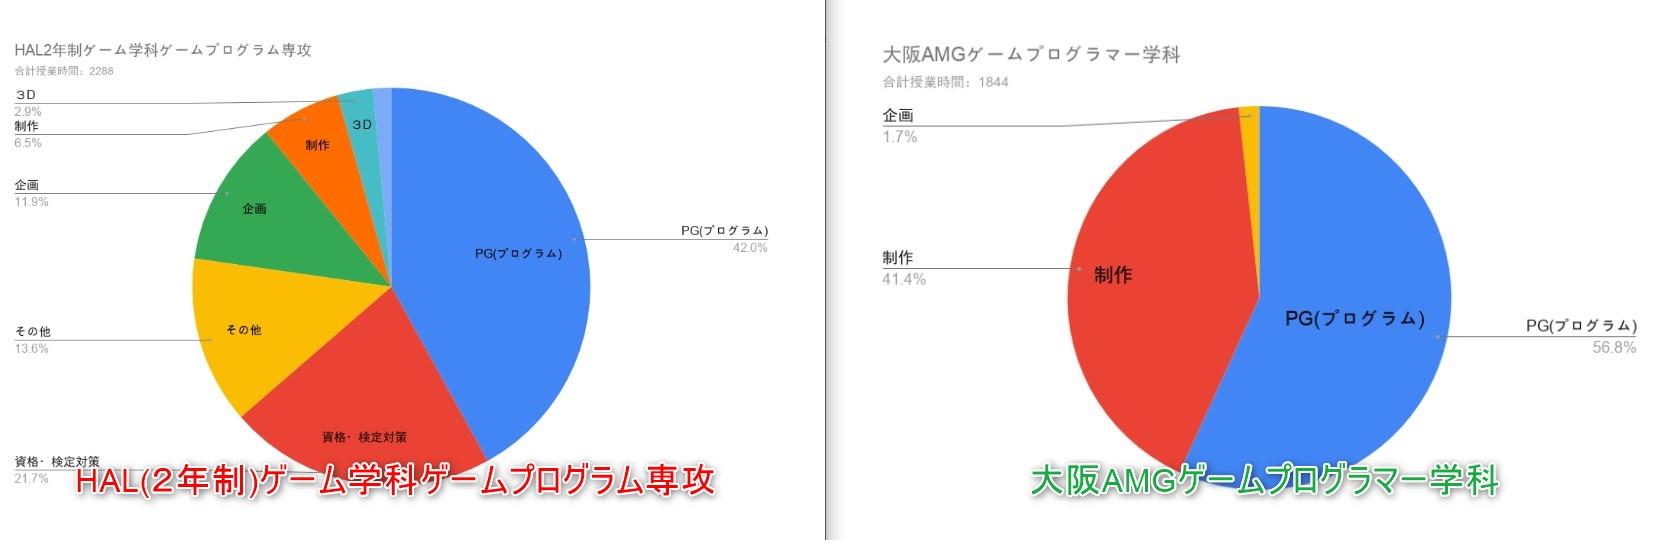 大阪AMGとHAL大阪(2年制)の授業比較